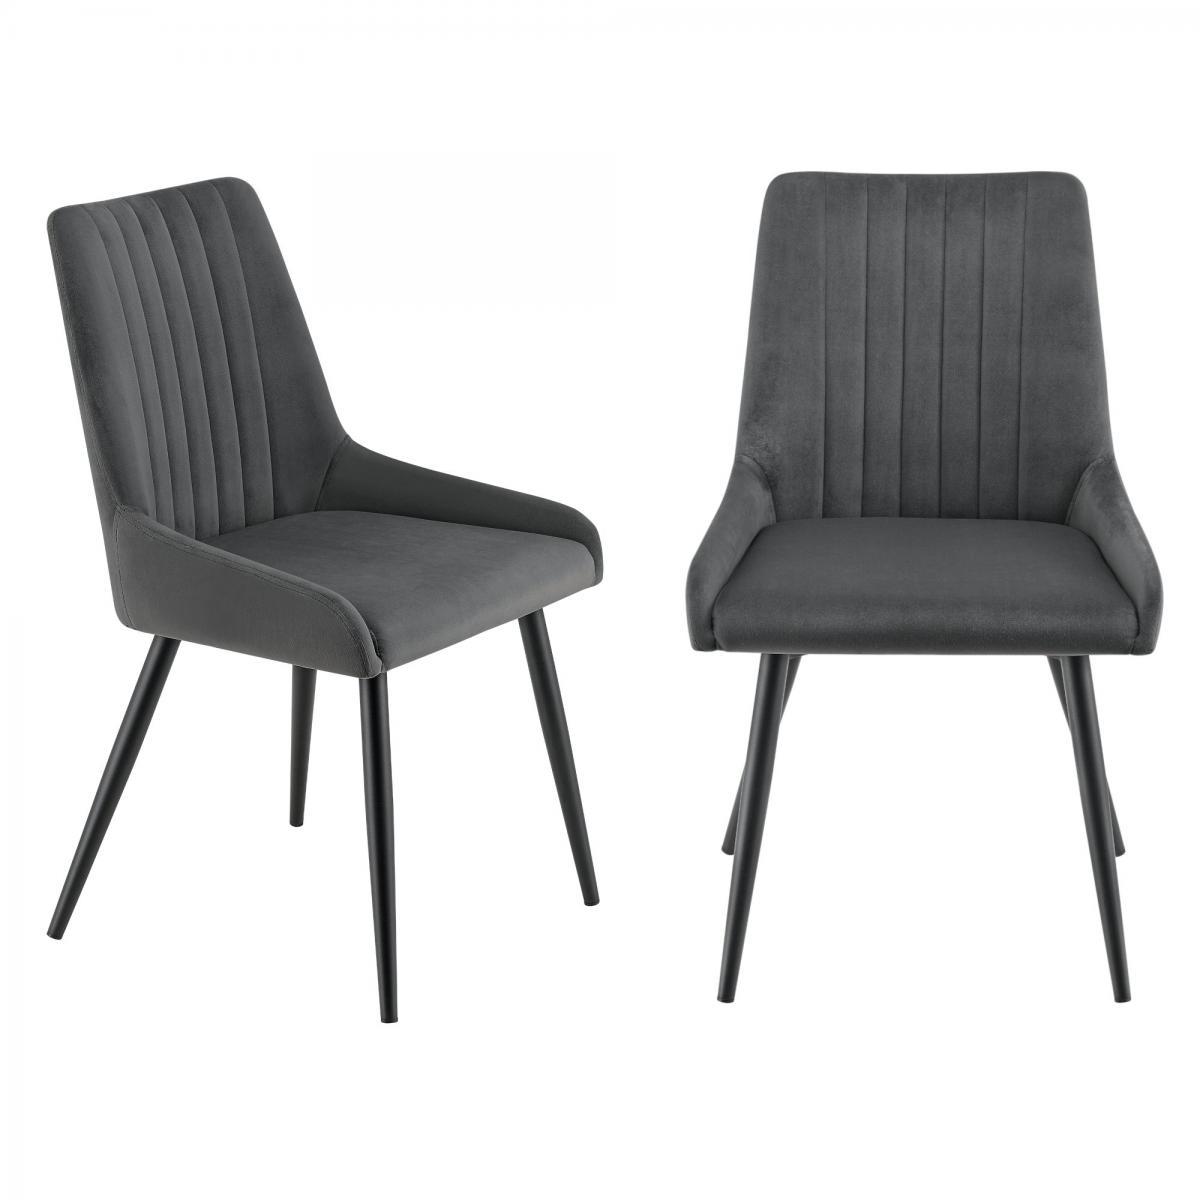 Helloshop26 Lot de 2 chaises sièges salle à manger pieds robustes acier velours gris foncé noir 03_0005749